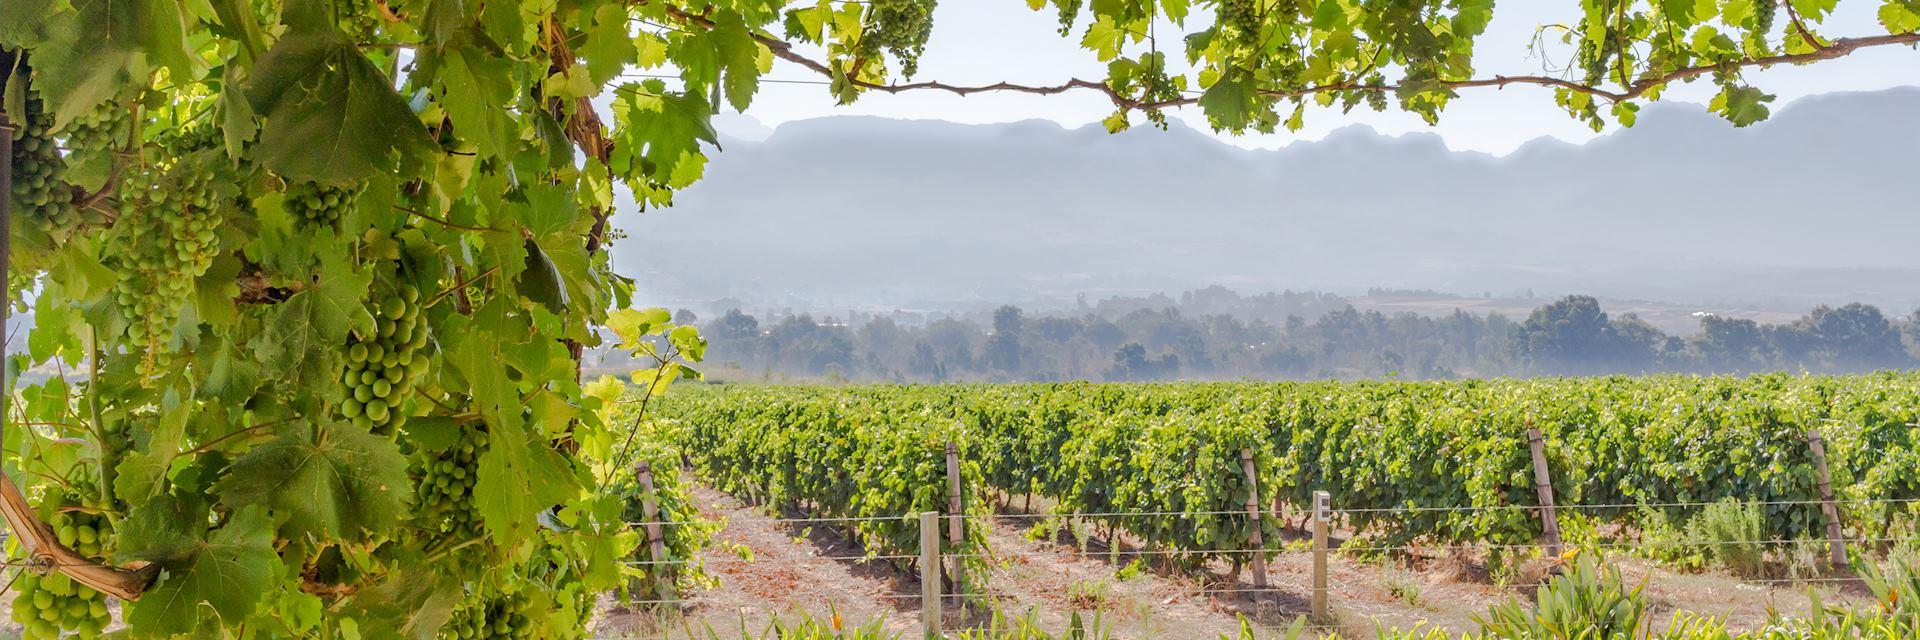 Vineyard in Paarl